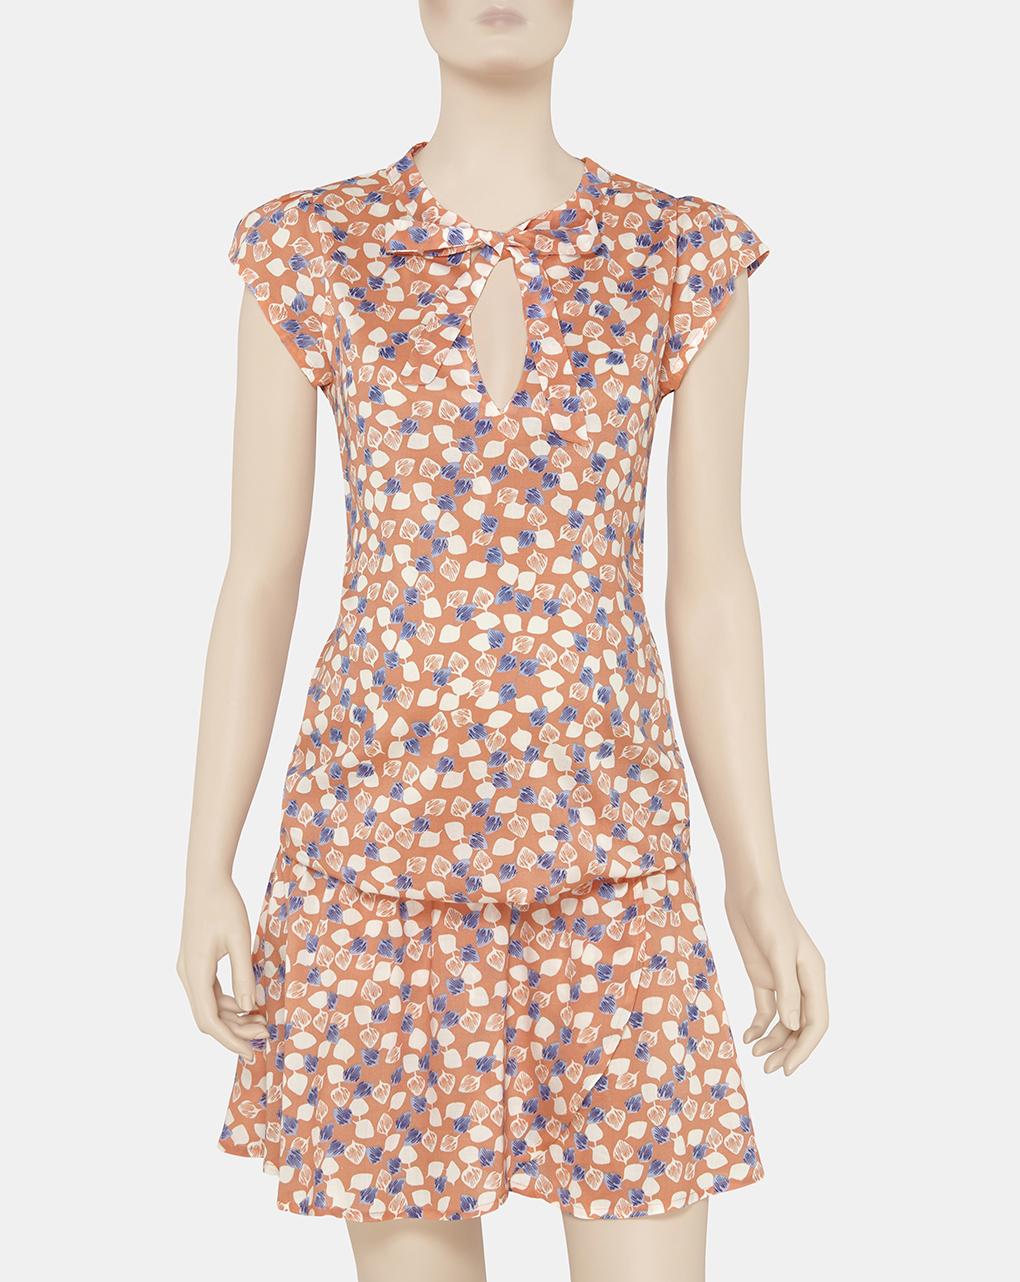 Γυναικείο Φόρεμα με Κοντά Μανίκια